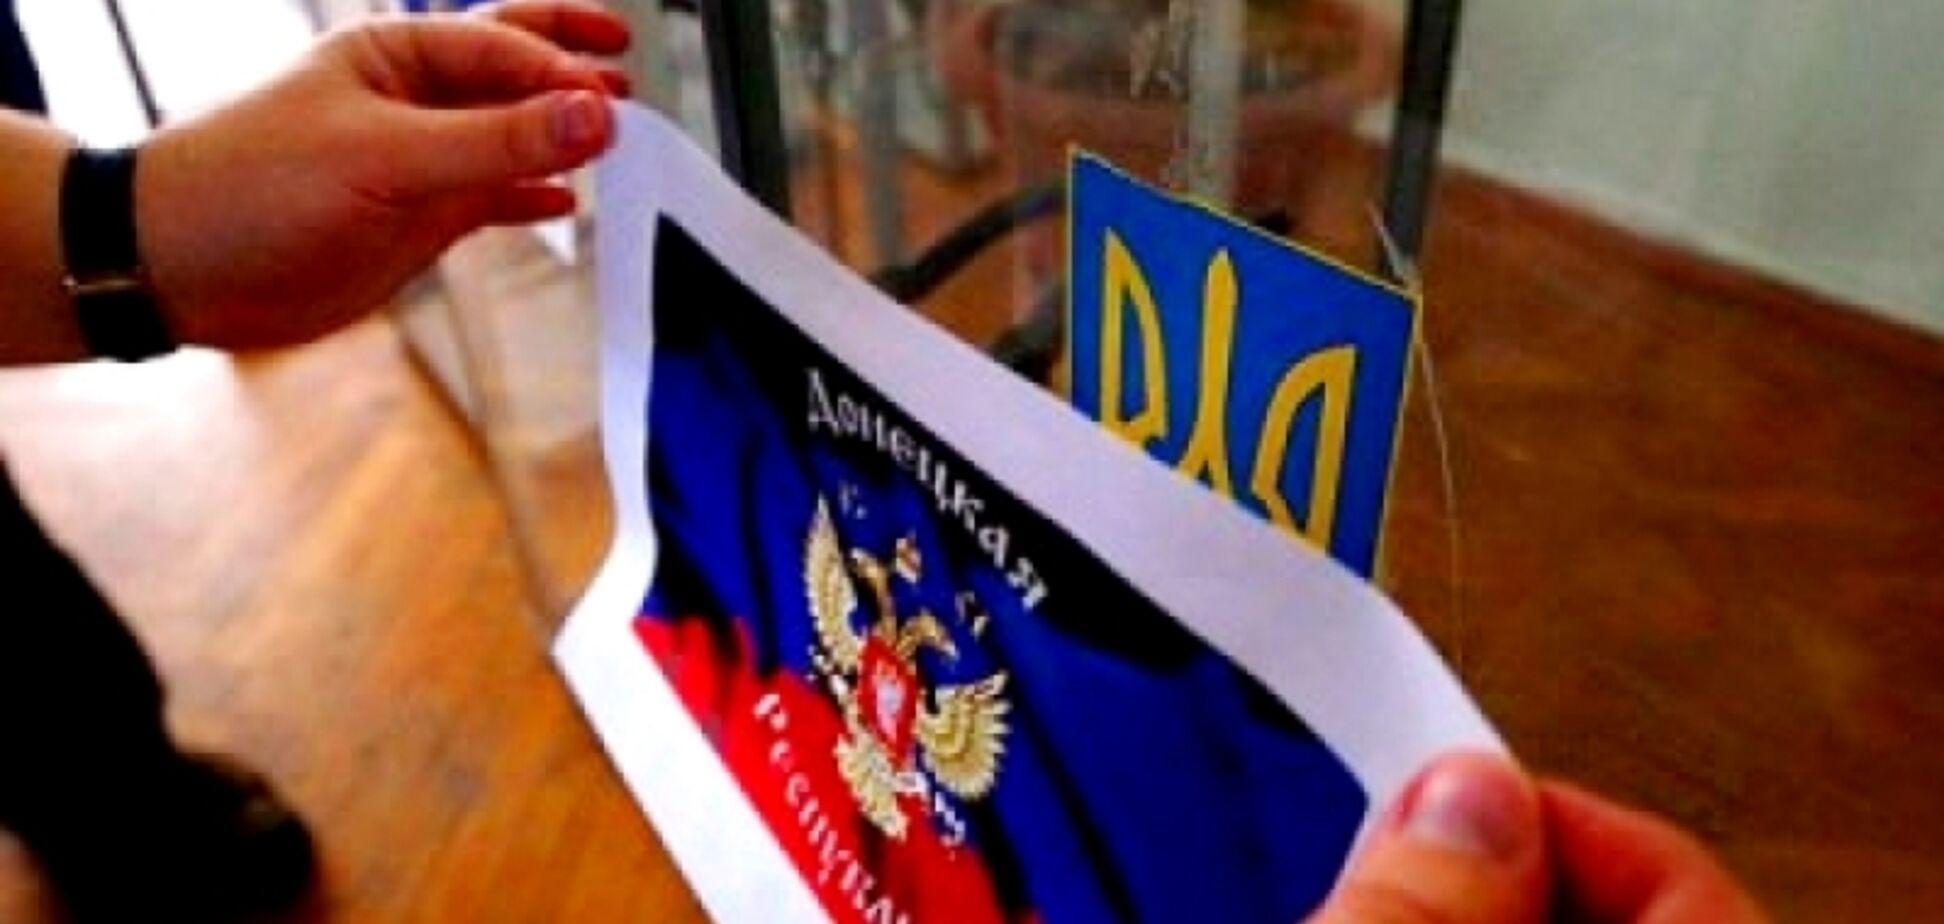 'Кремлевское д*рьмо в головах': жалобы 'ДНРовцев' на украинские выборы рассмешили сеть